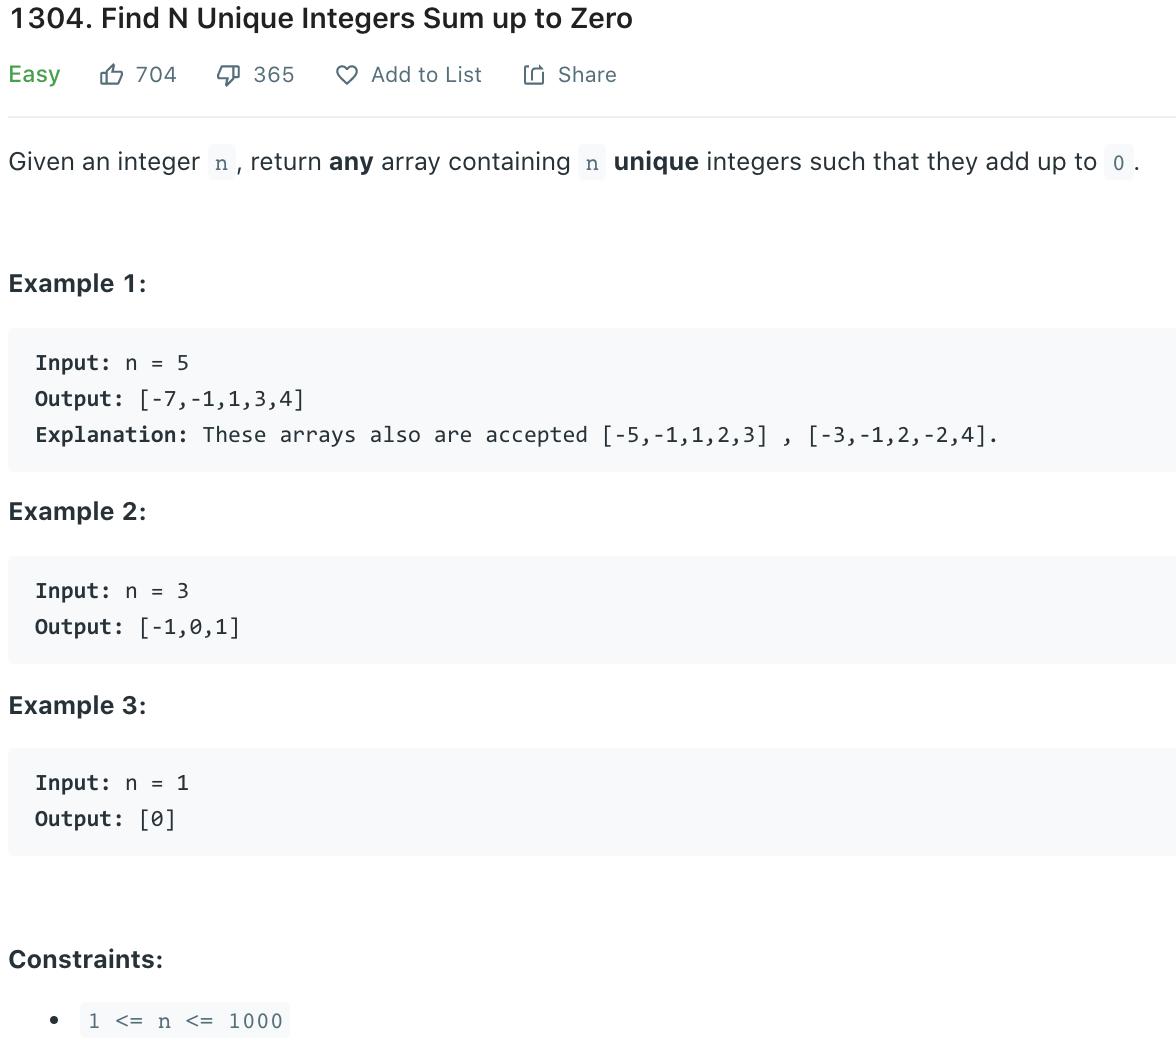 Find N Unique Integers Sum up to Zero